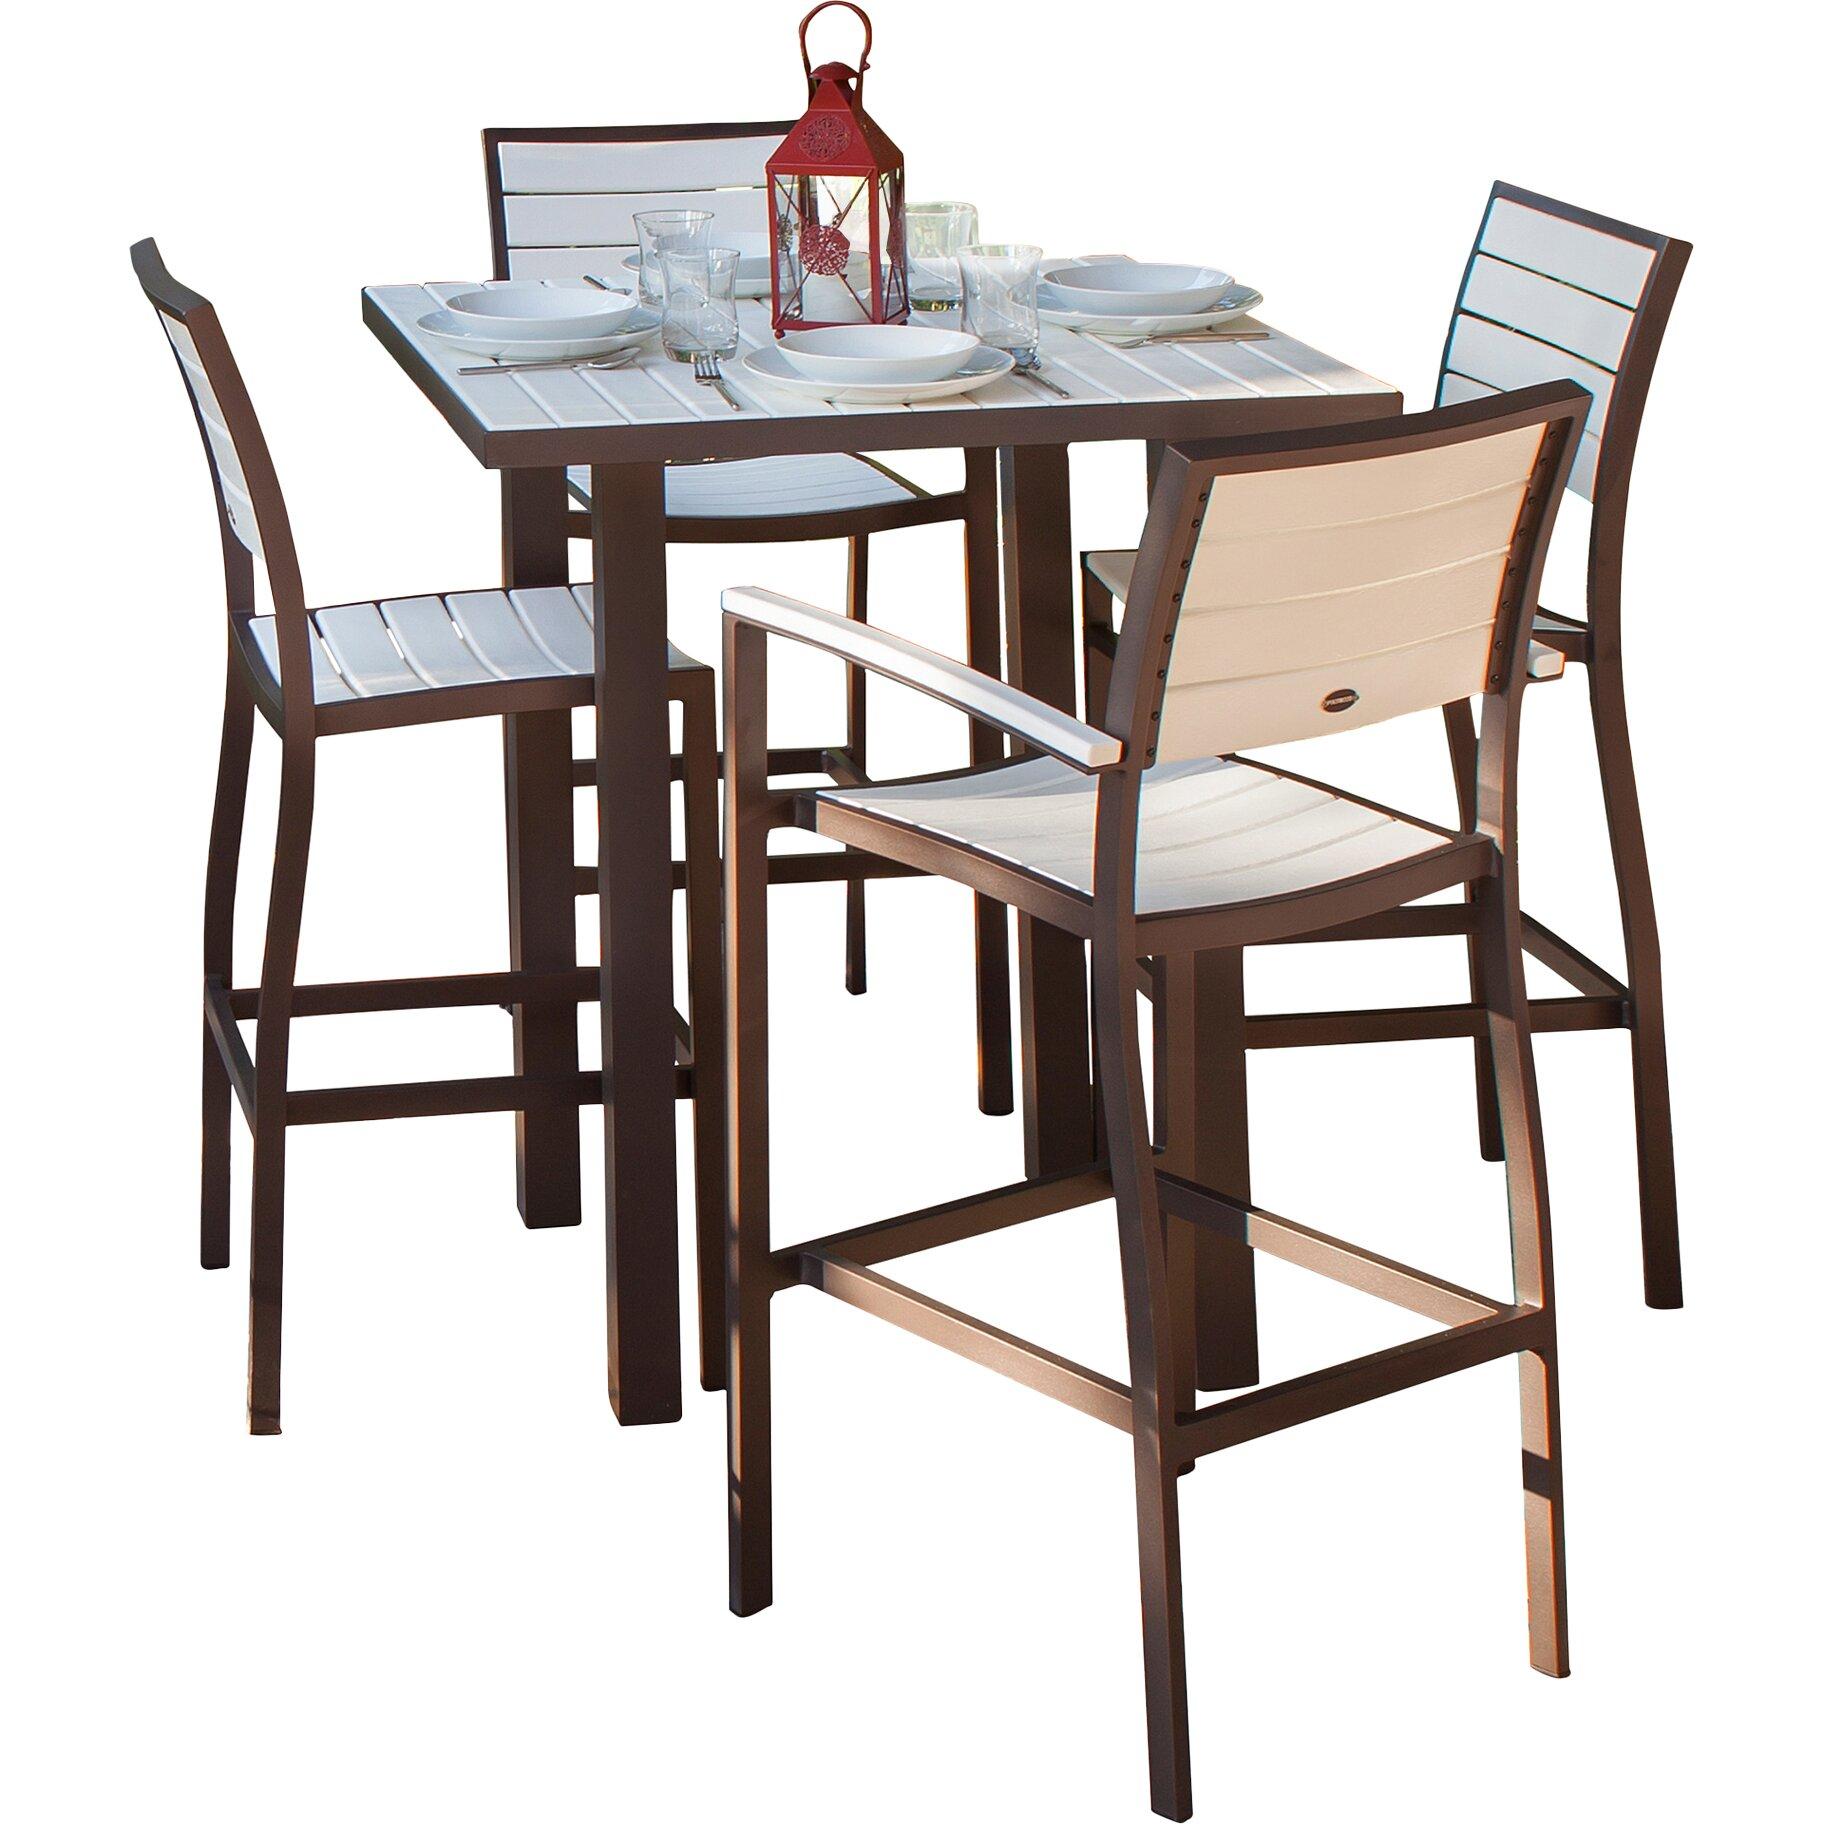 Fabulous Bar Dining Table Set Photos Decors Dievoon